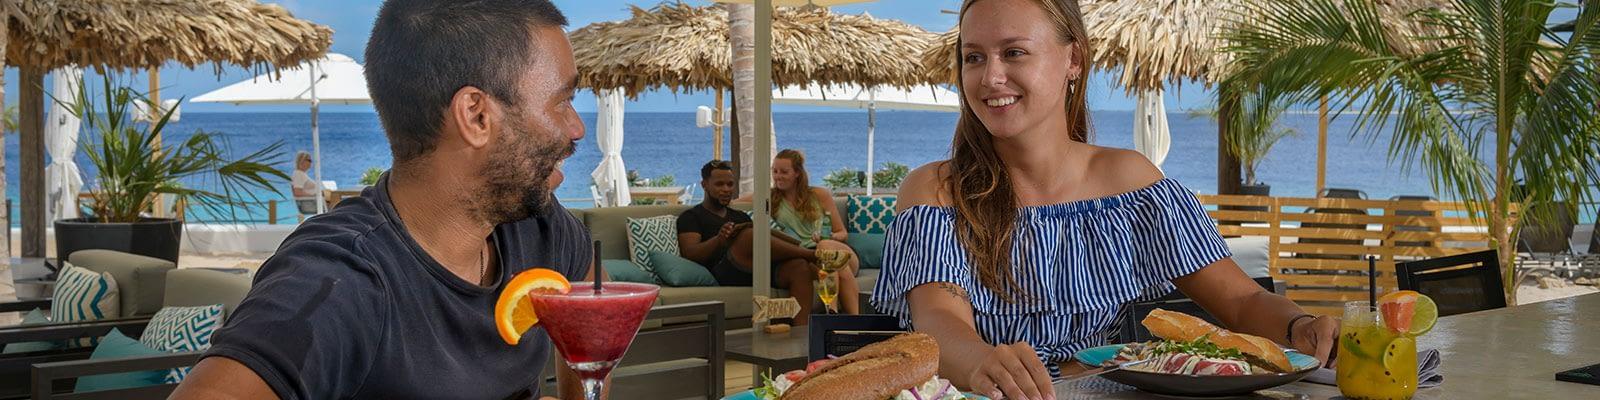 restaurant-the-beach-bonaire_slider-image-4